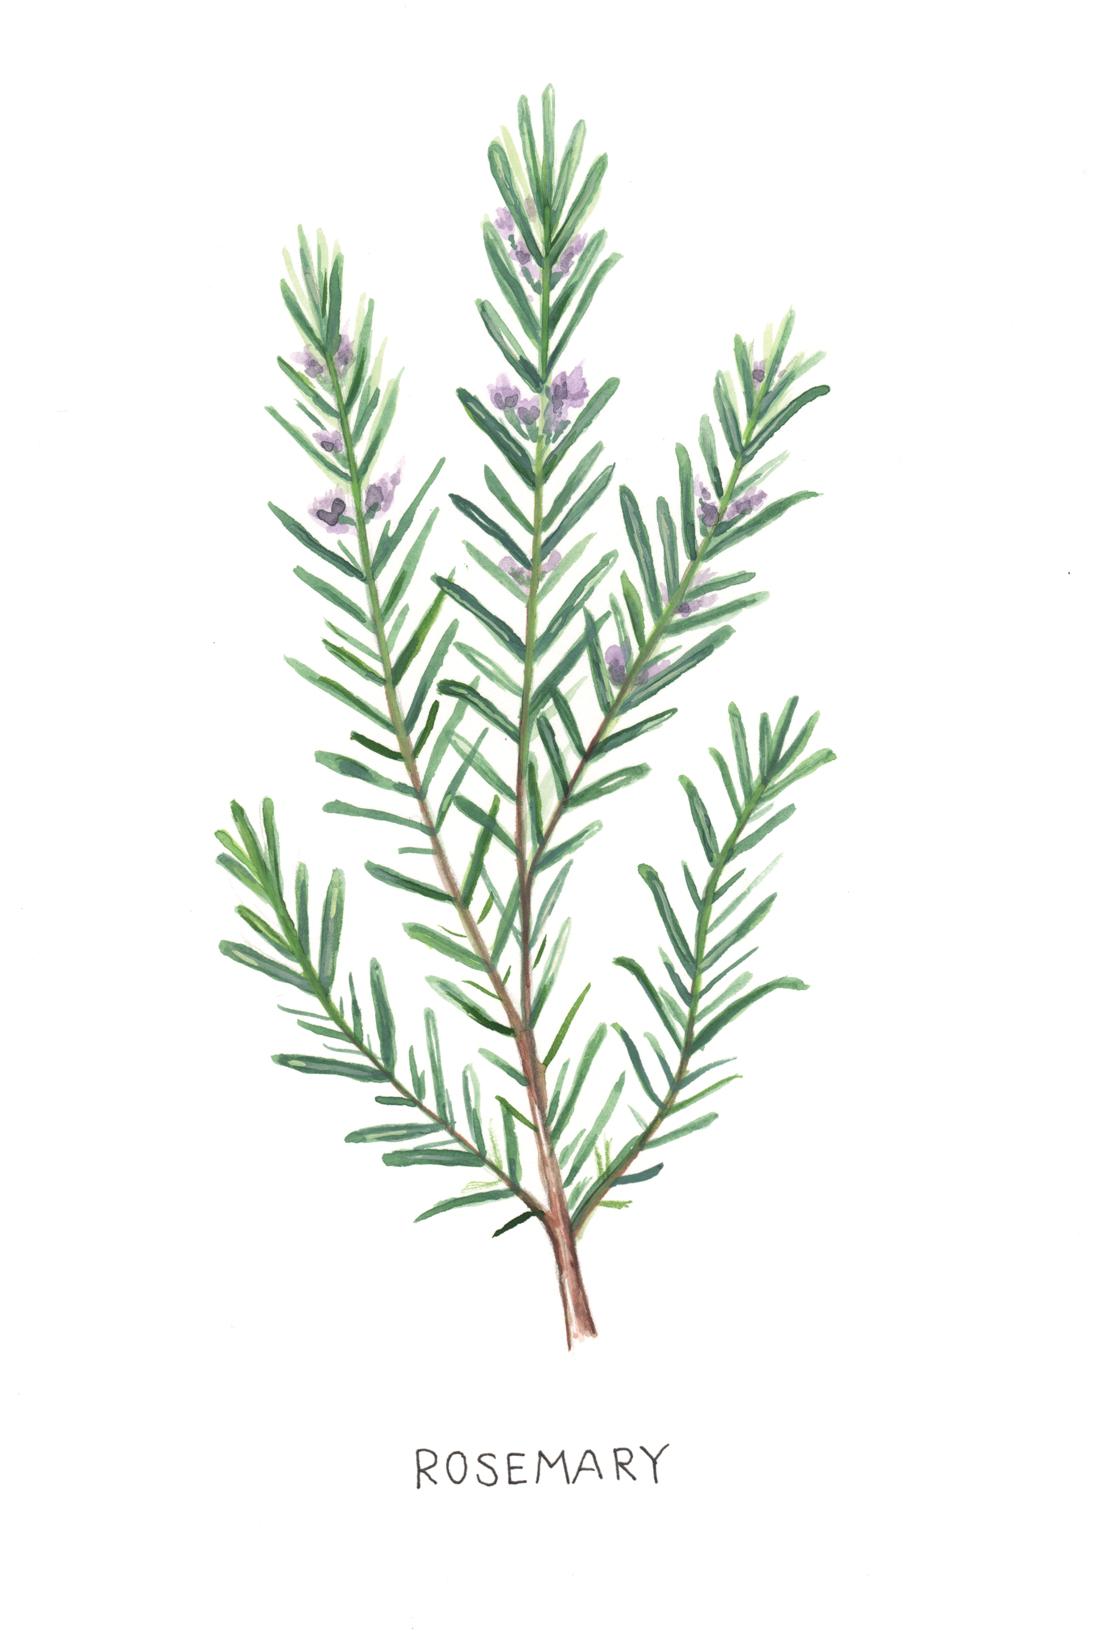 Rosemary Botanical Illustration